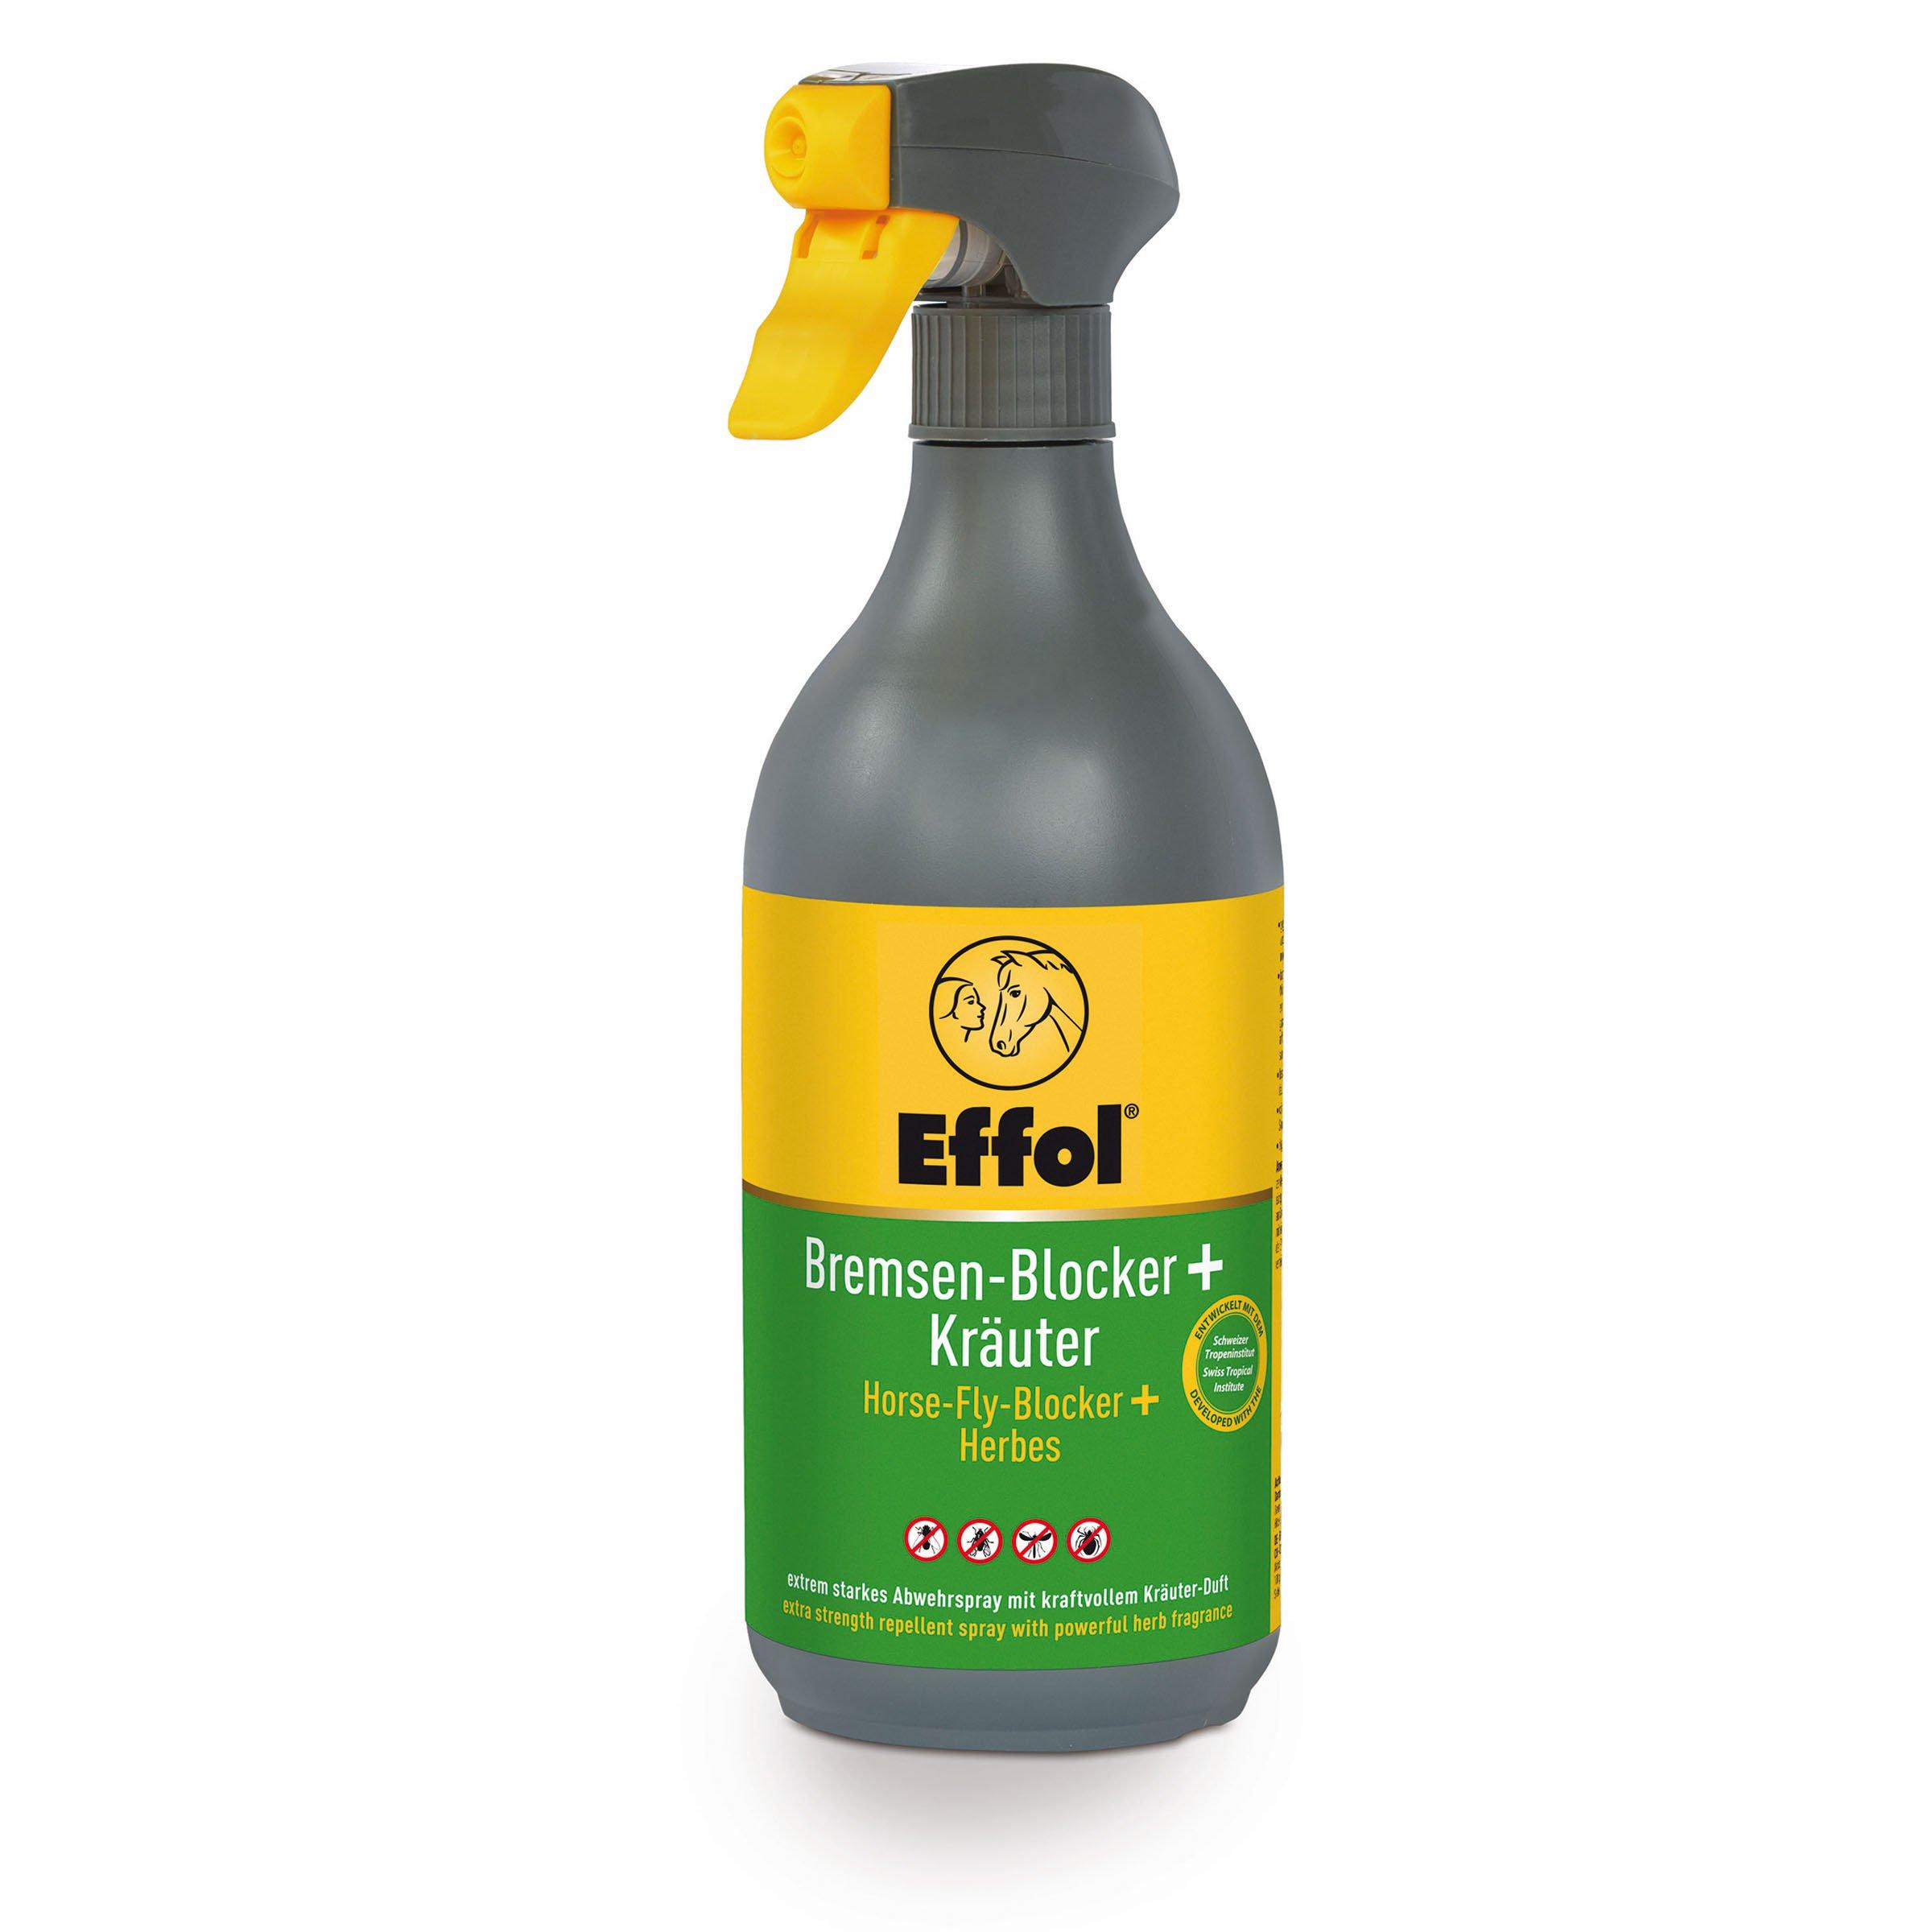 Effol Bremsen Blocker + Kräuter 750 ml